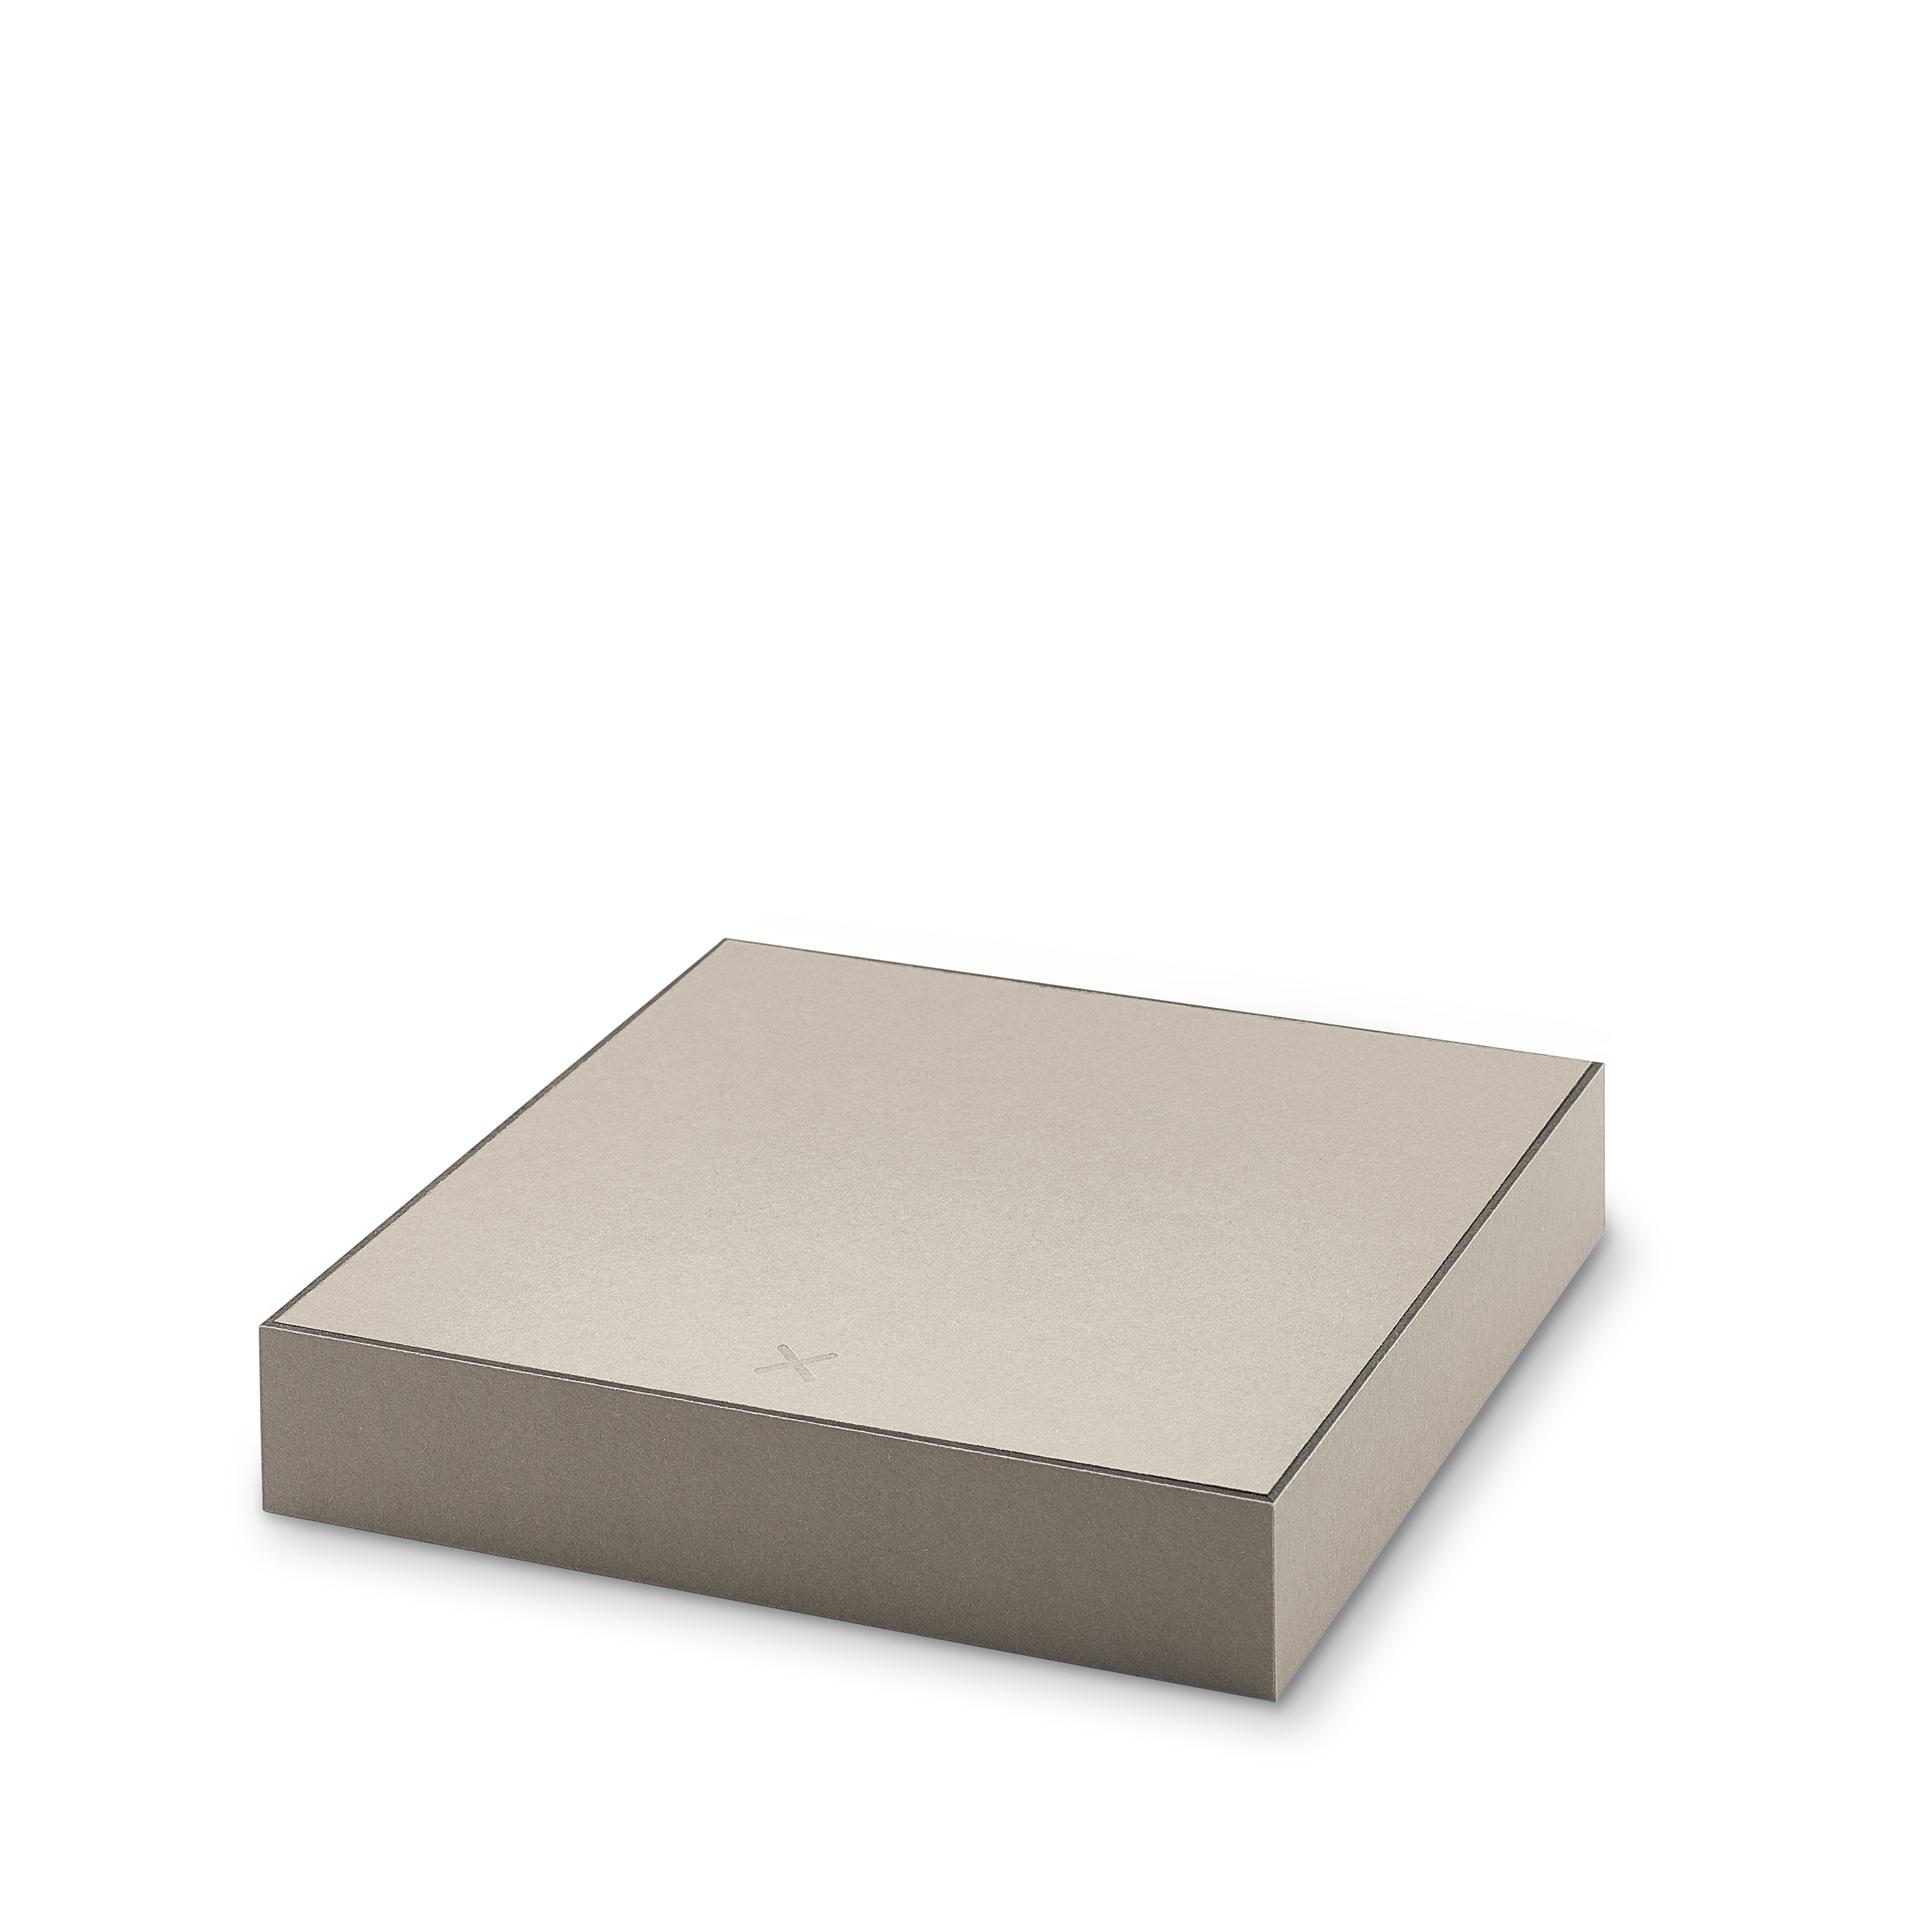 FLIPBOX Kette grau